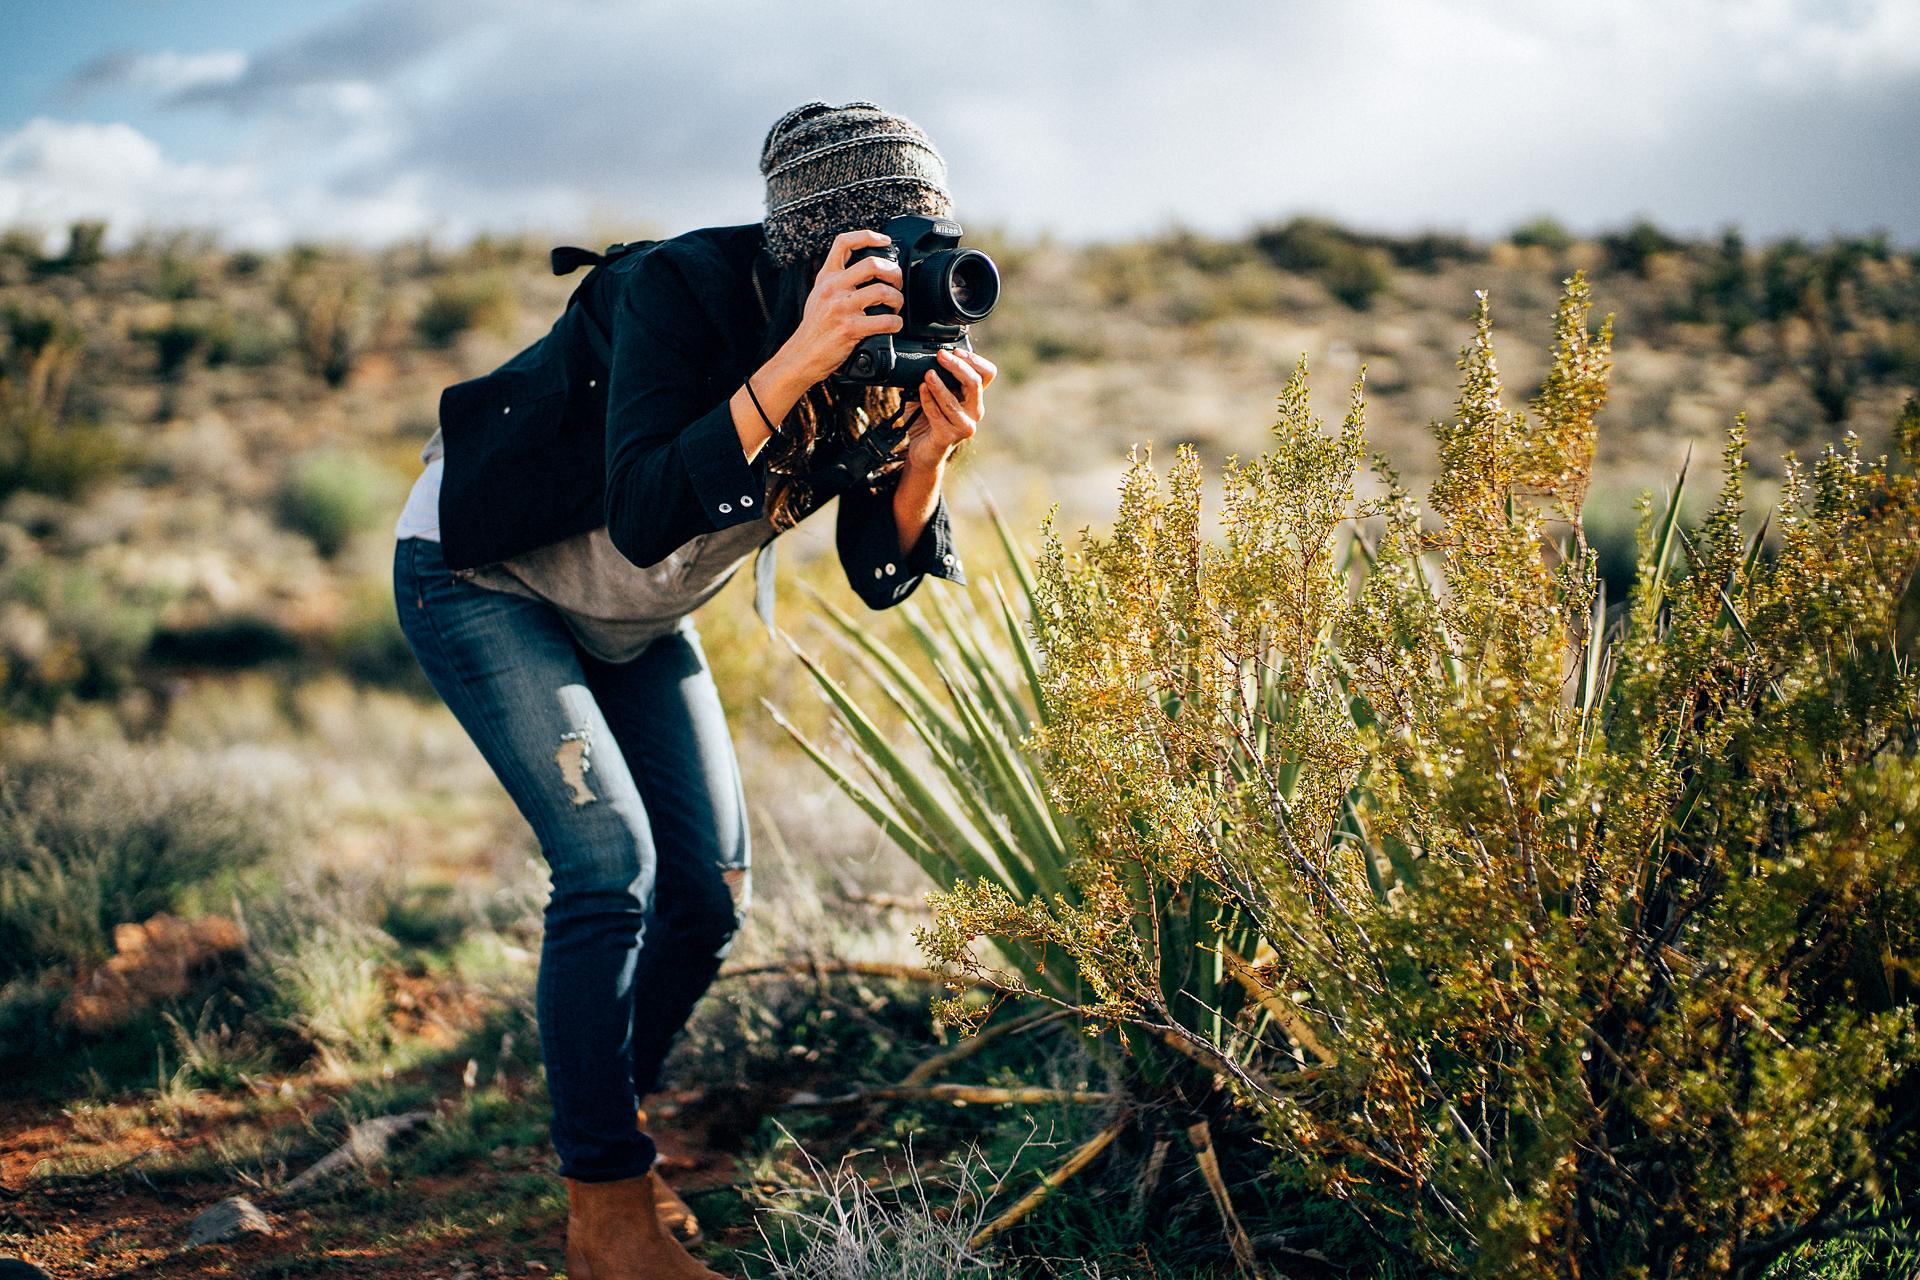 Spanki_Mills_vegas_desert_shoot-0001.jpg